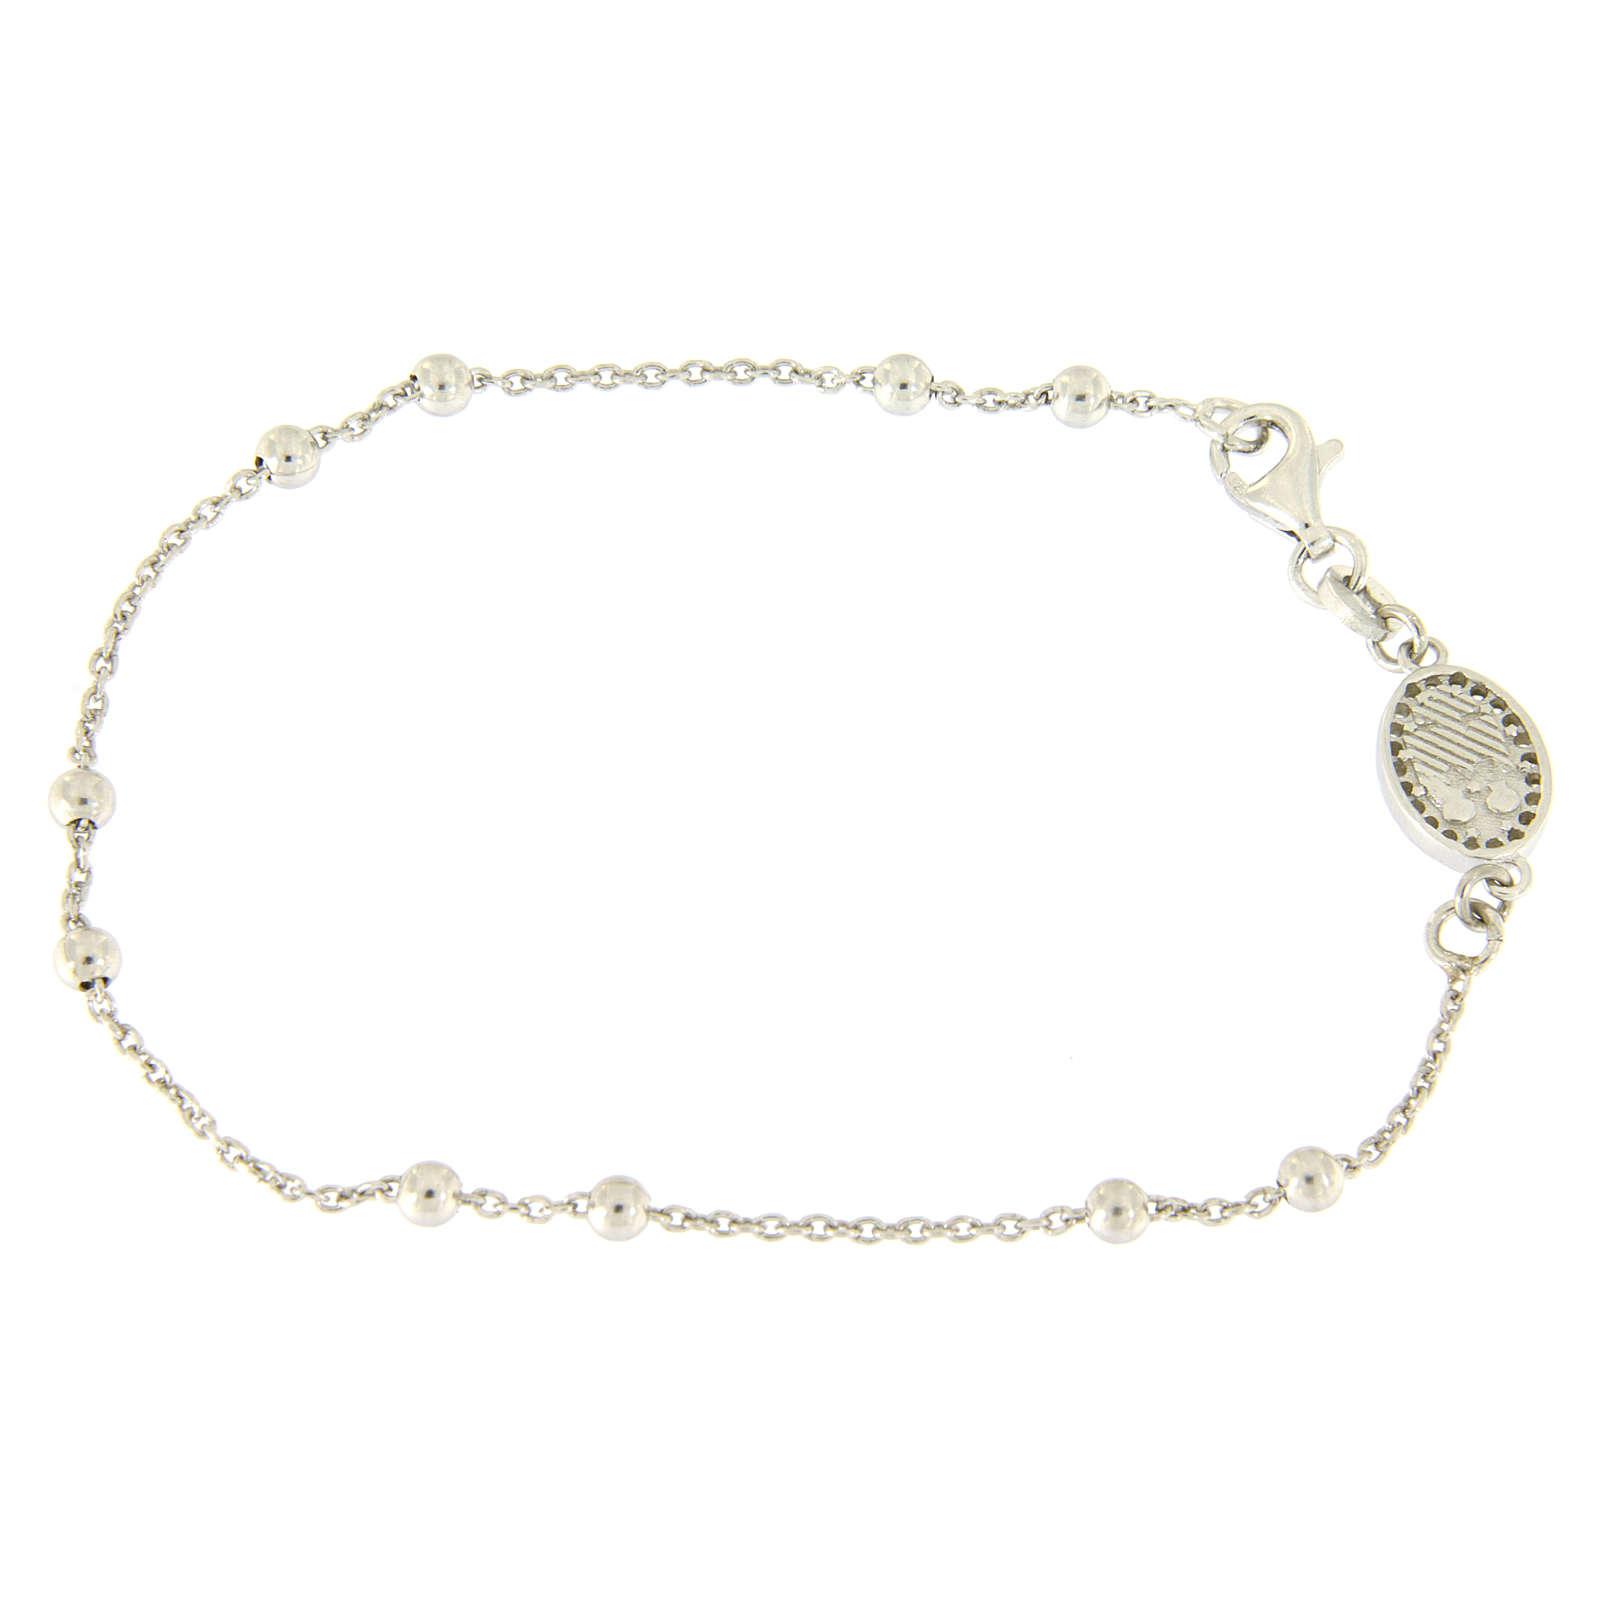 Bracelet perles en argent 925 e médaille image religieuse zircons blancs 4